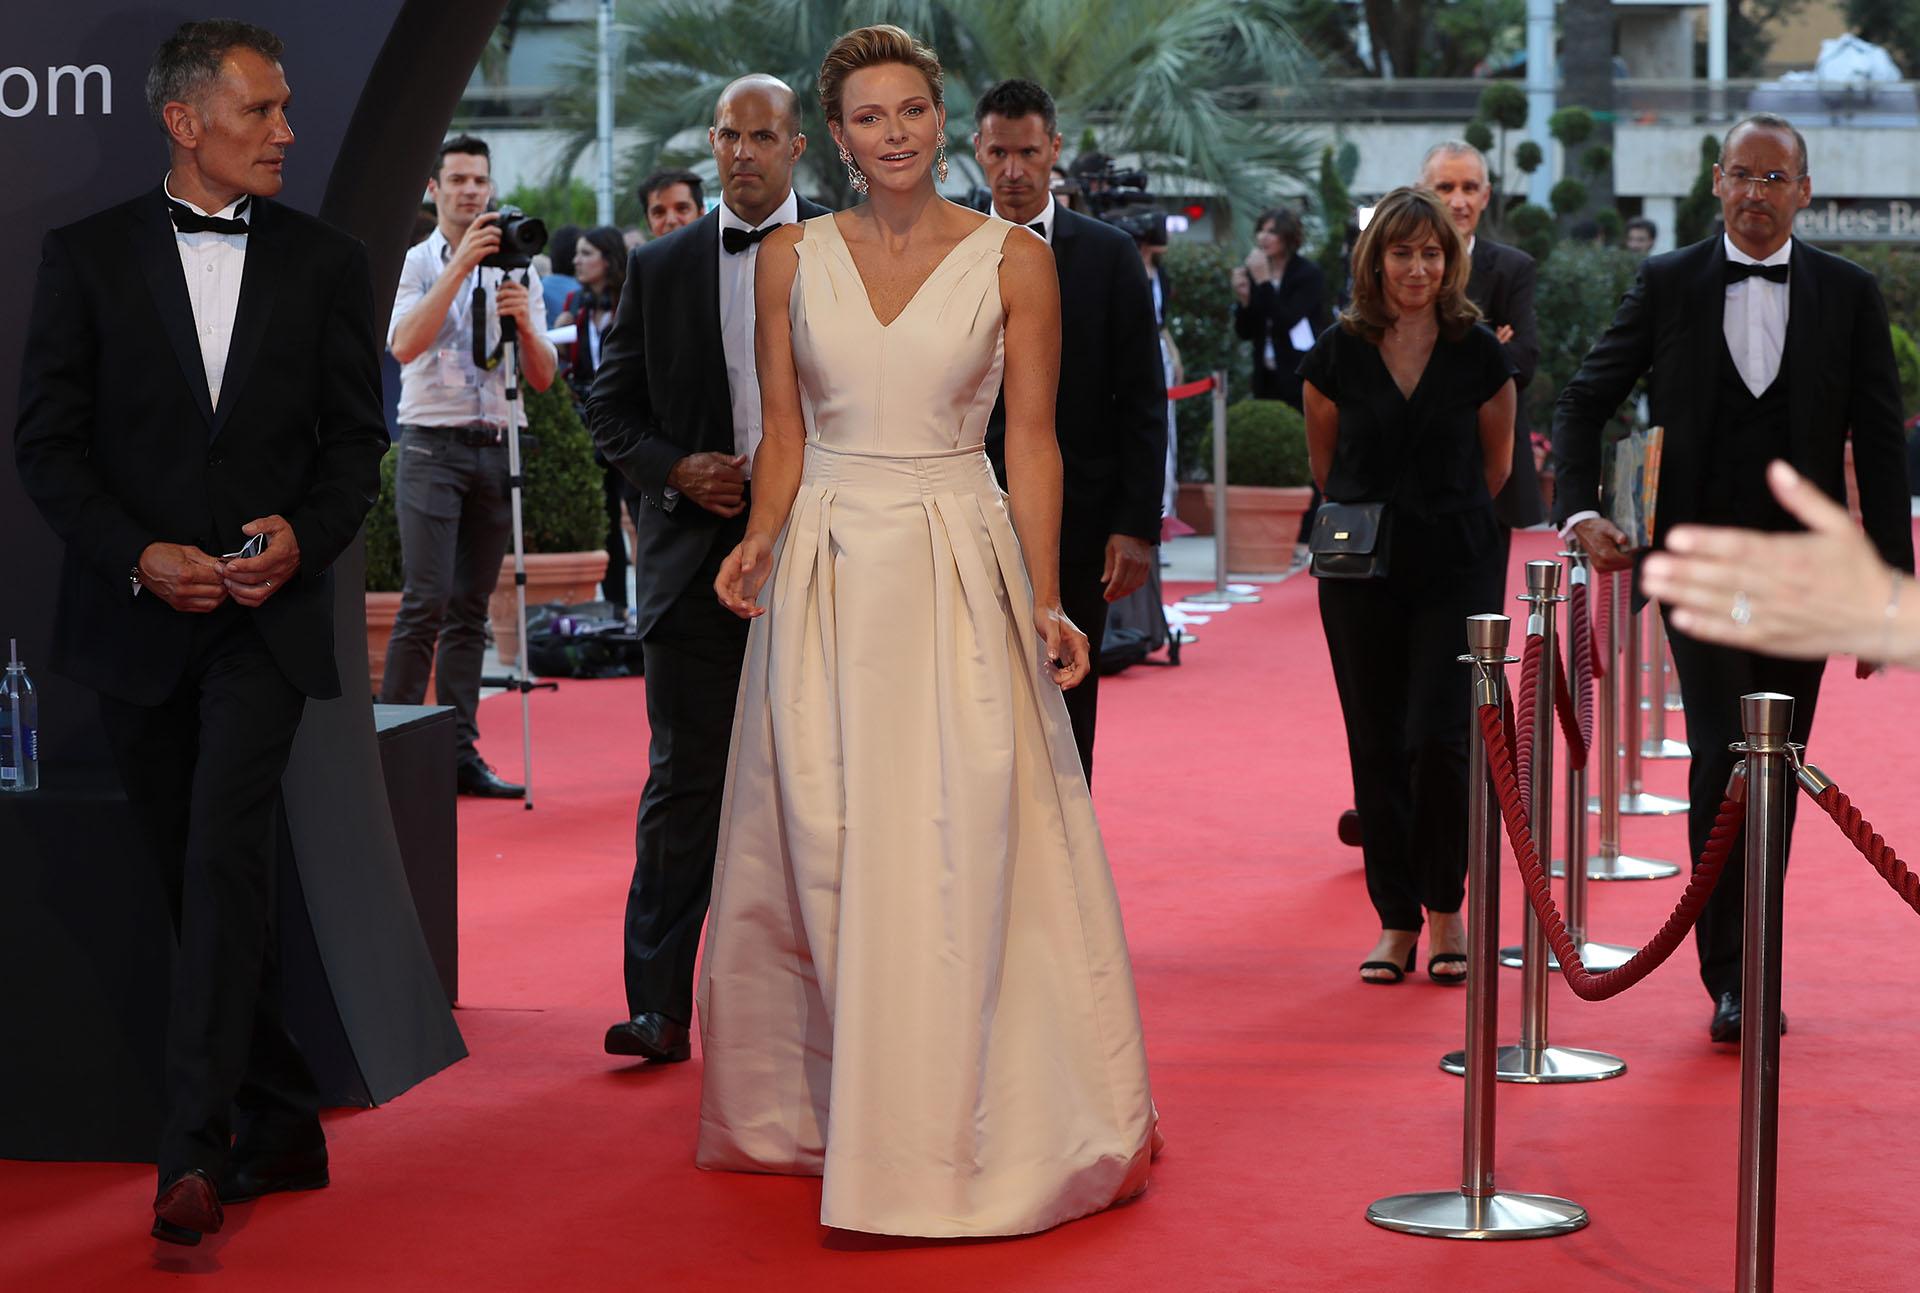 La mujer de Alberto de Mónaco lució espectacular en este diseño de alta costura con gran escote y color marfil